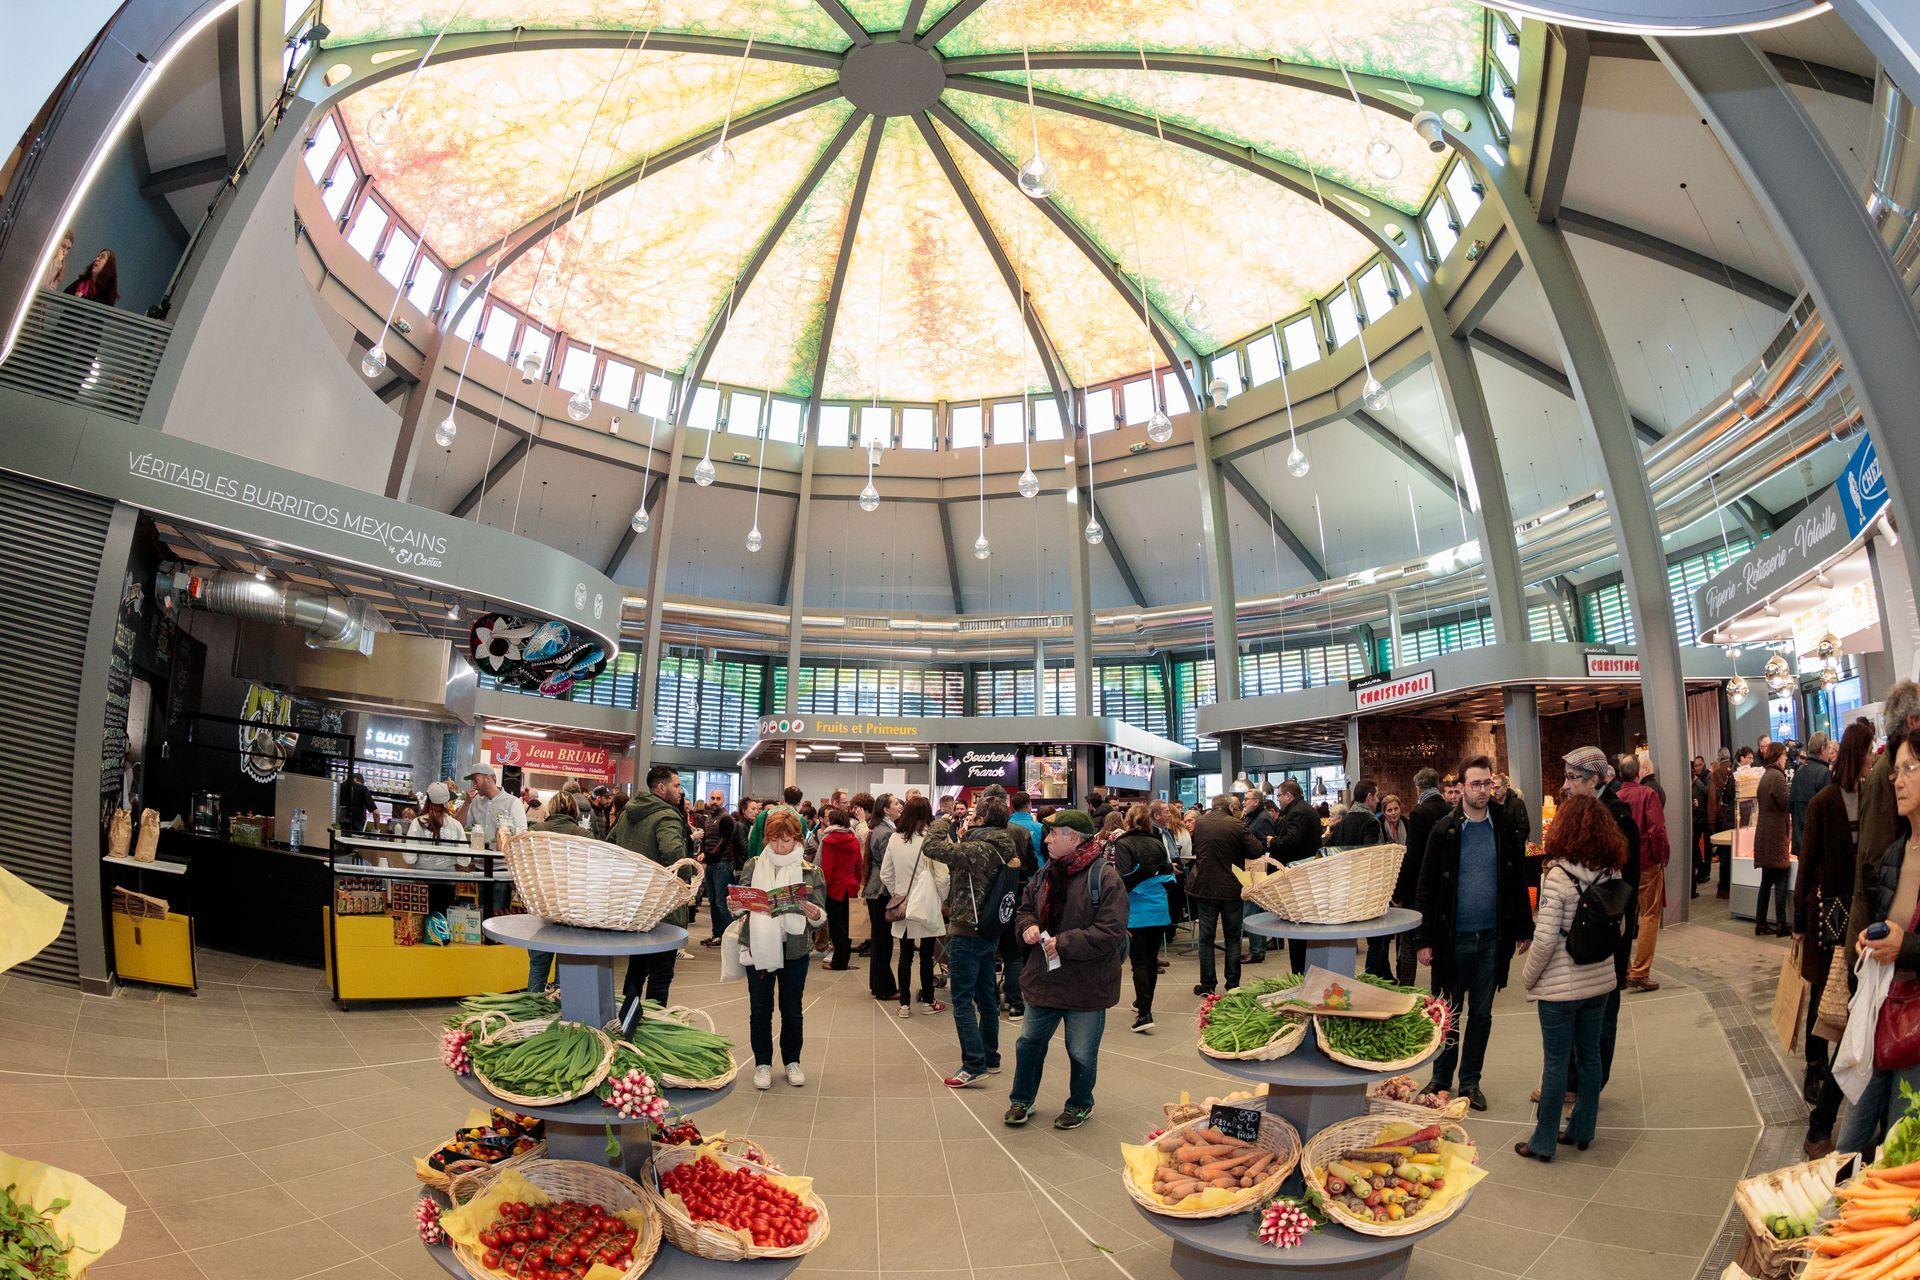 Les Halles Laissac de Montpellier © Ch.Ruiz Montpellier3m